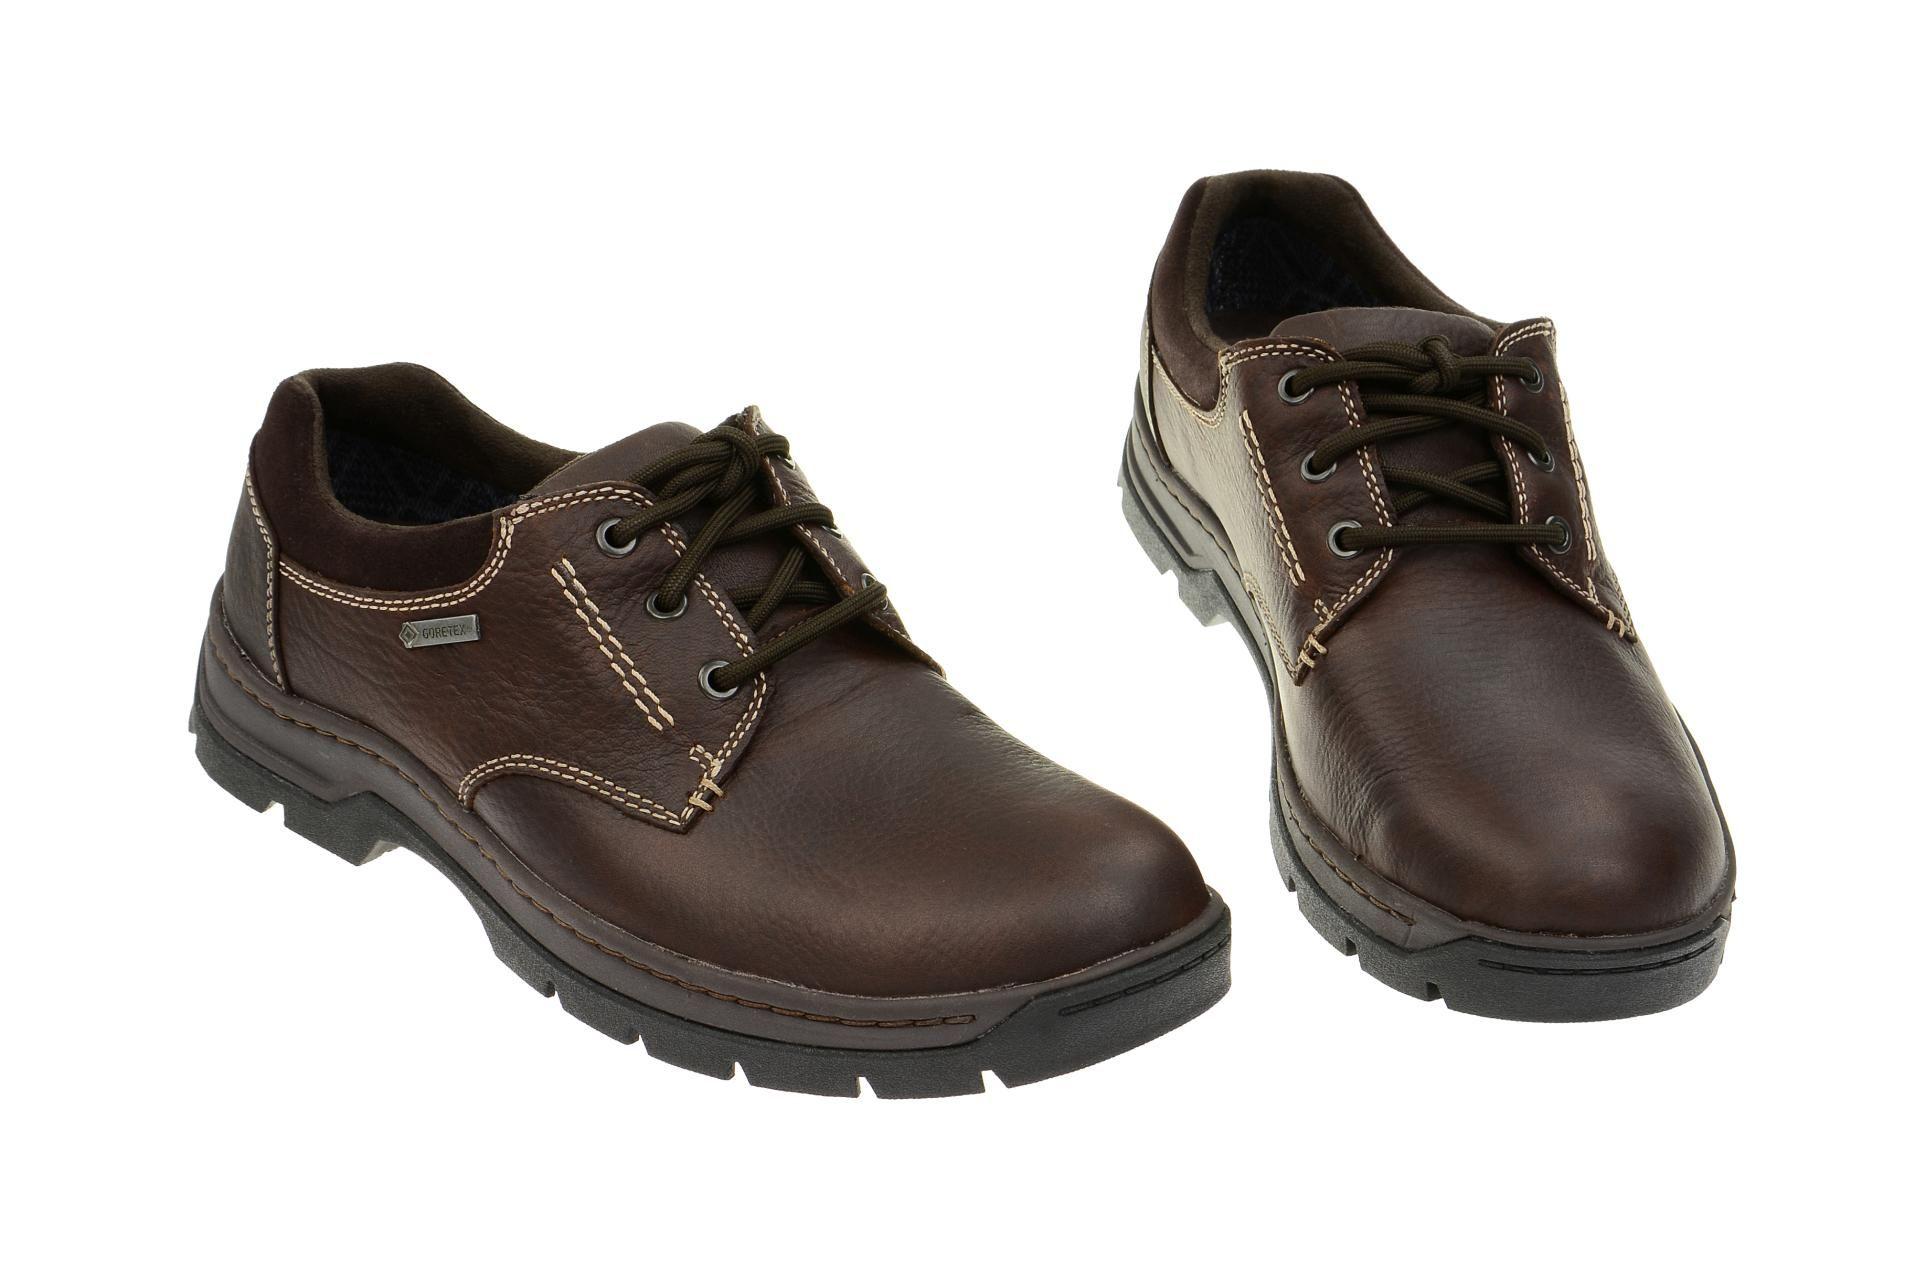 brand new 961b9 25a45 Clarks Stanten Walk GTX Schuhe braun | Herrenschuhe - Auf ...